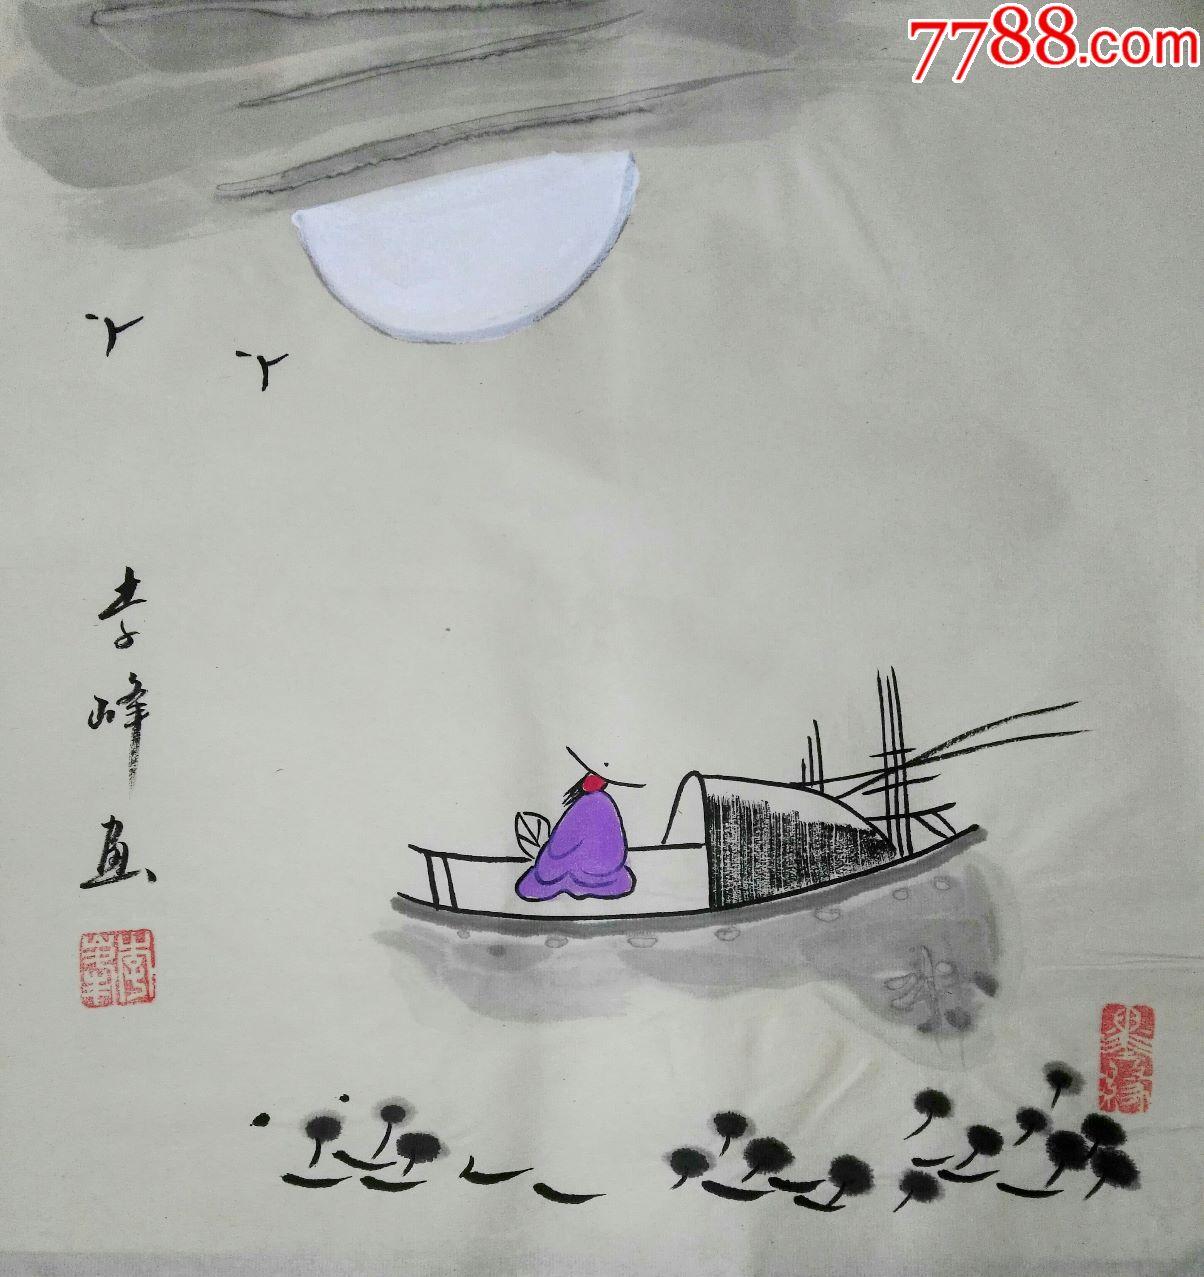 李峰老师禅意小品画图片